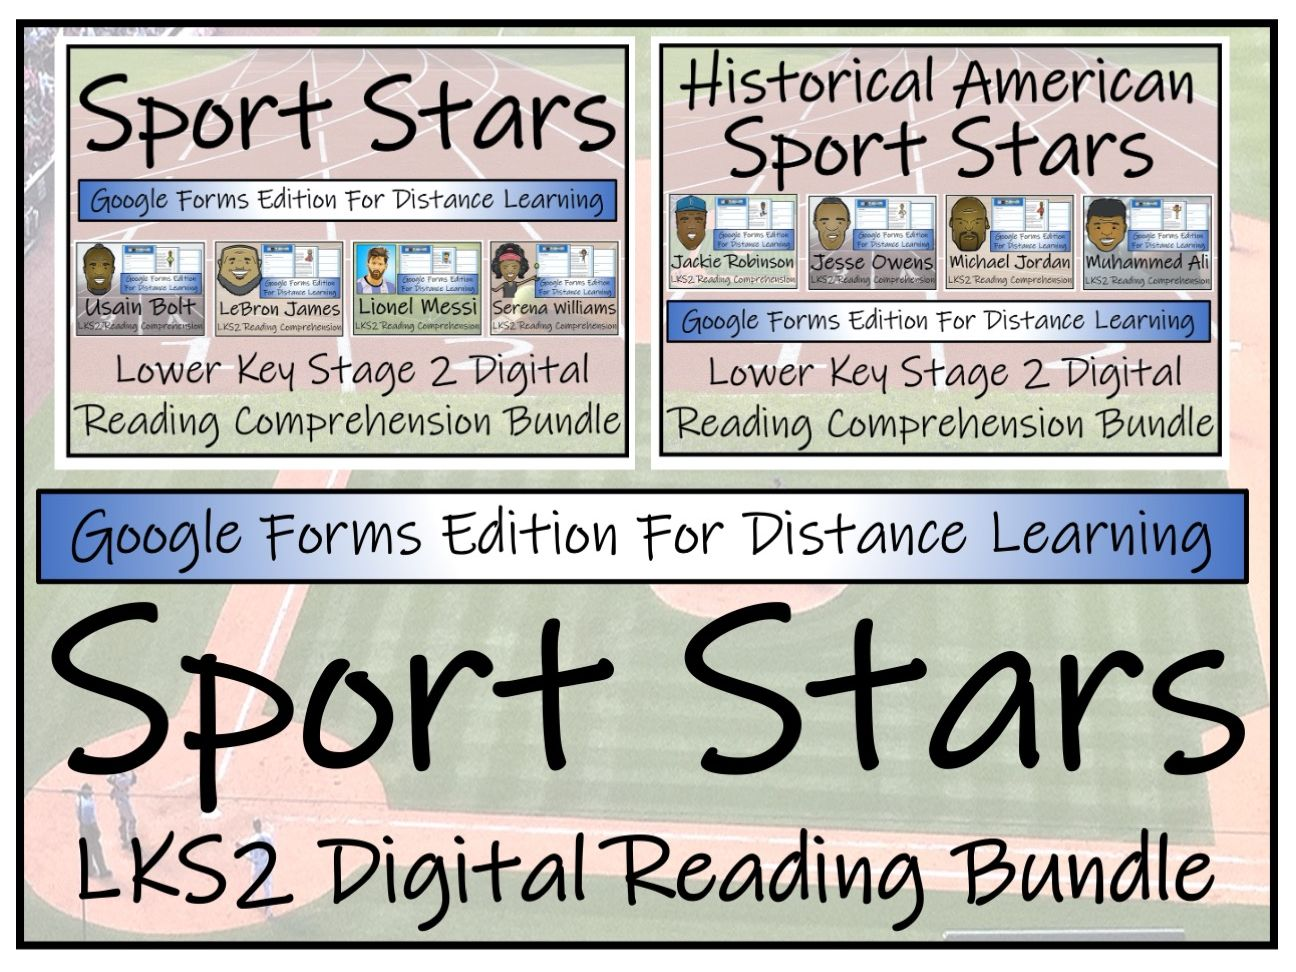 LKS2 Modern & Historical Sport Stars Reading Comprehension & Distance Learning Bundles